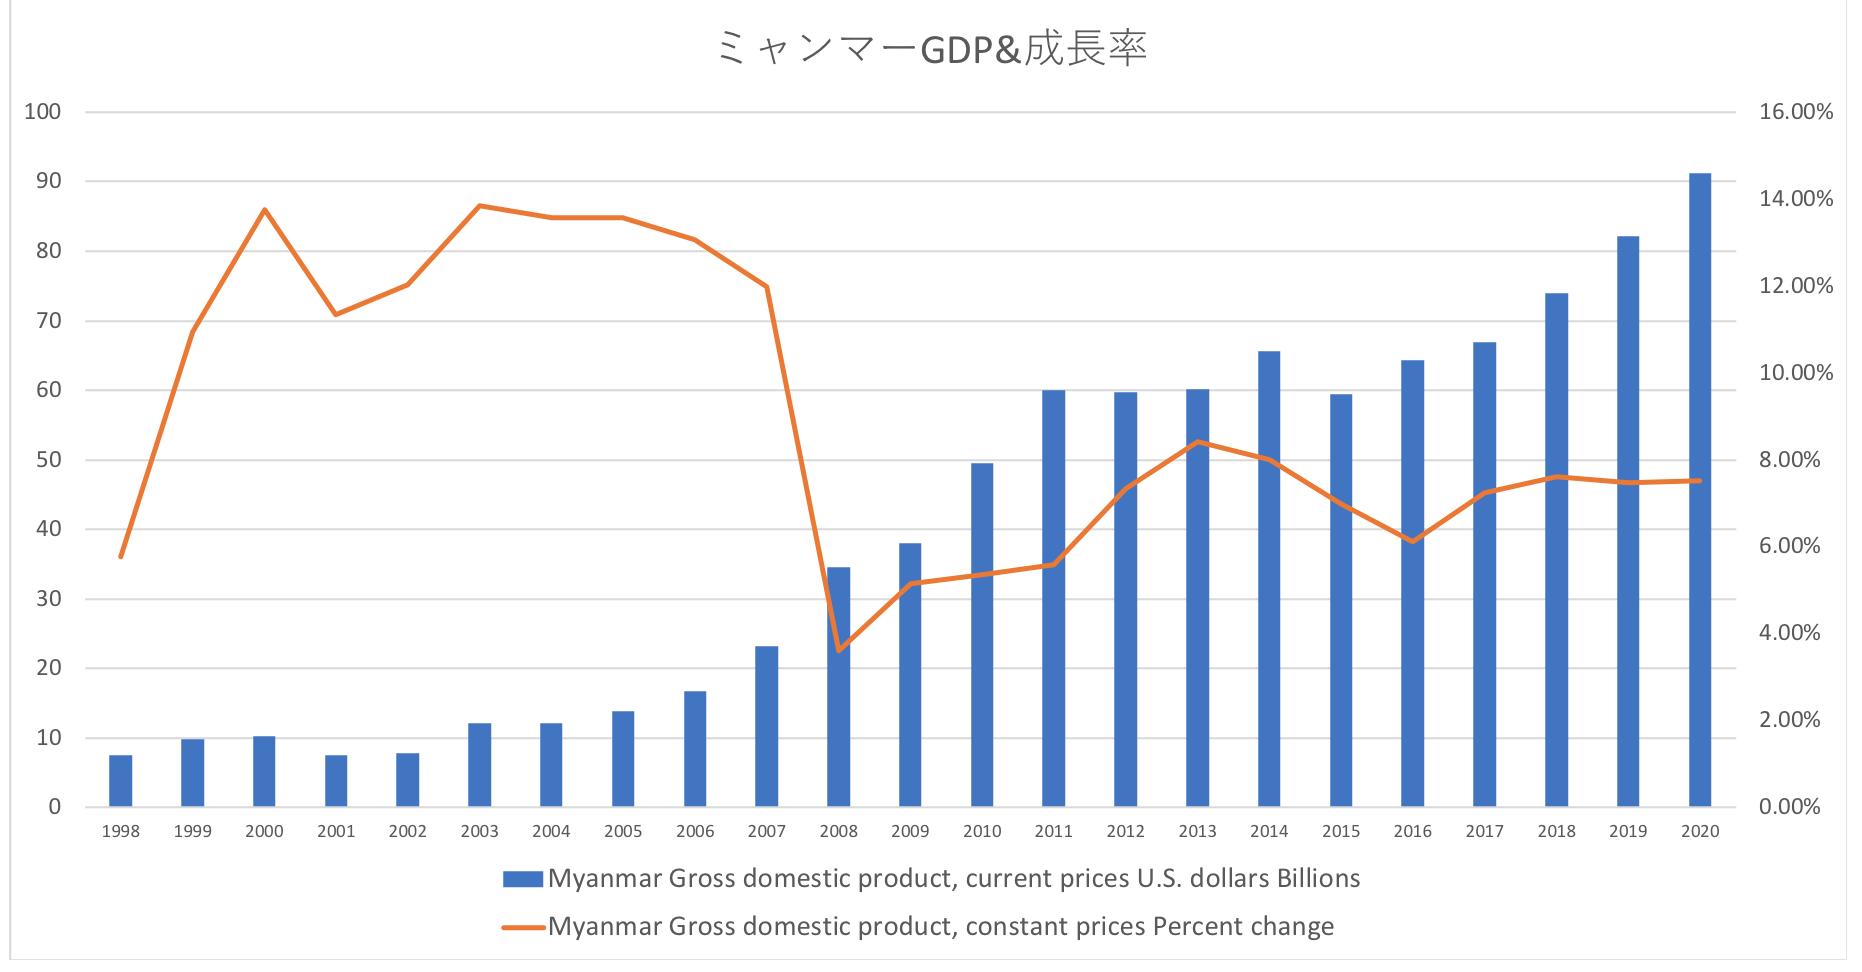 ミャンマーのGDPと経済成長率の推移